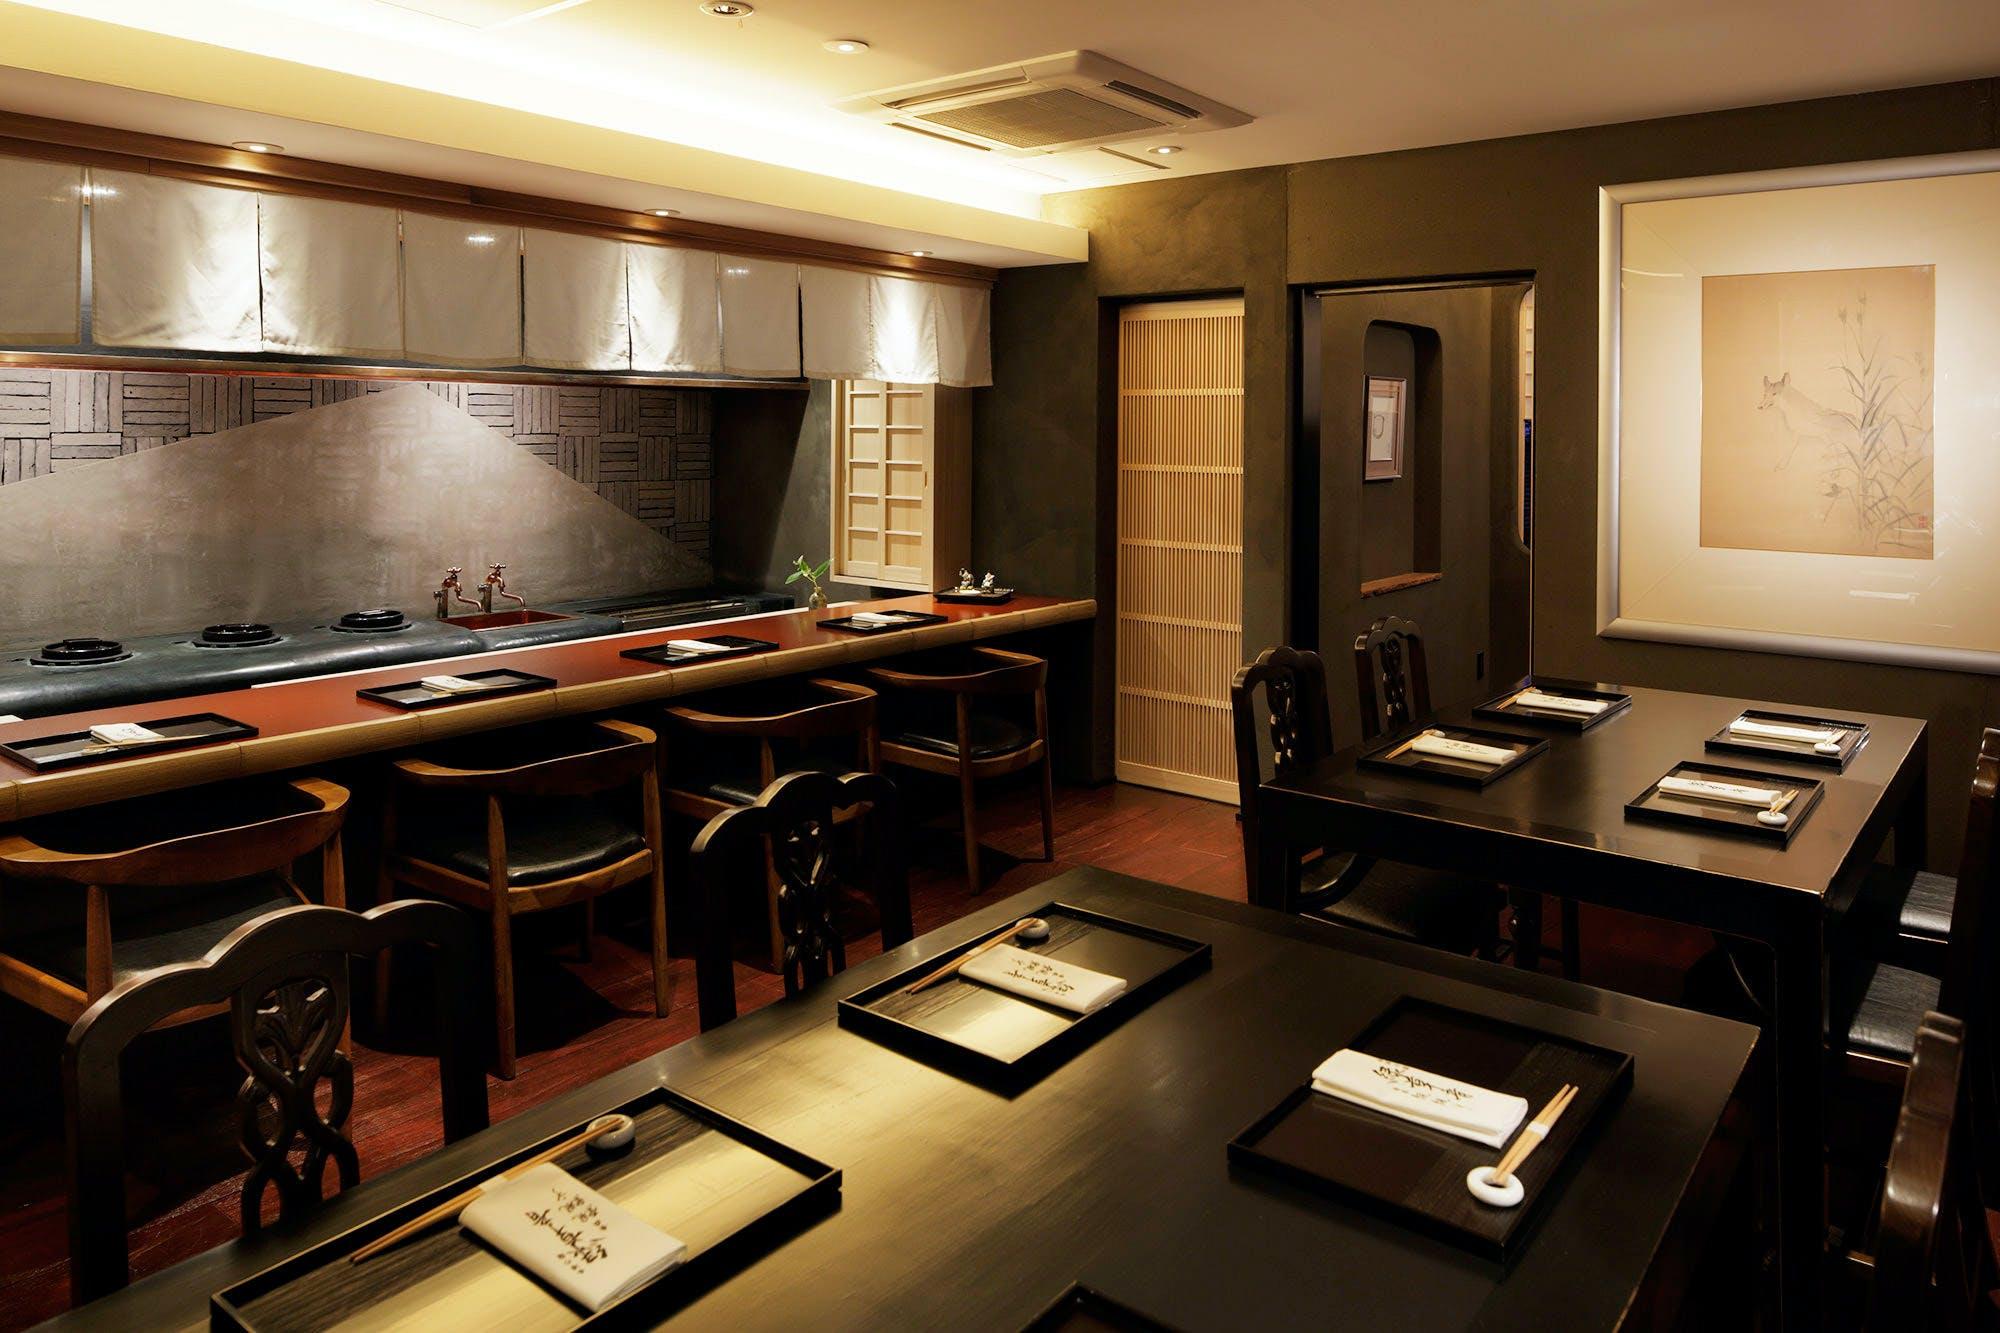 柚子屋旅館 金沢 緑草音(りょくそうね)